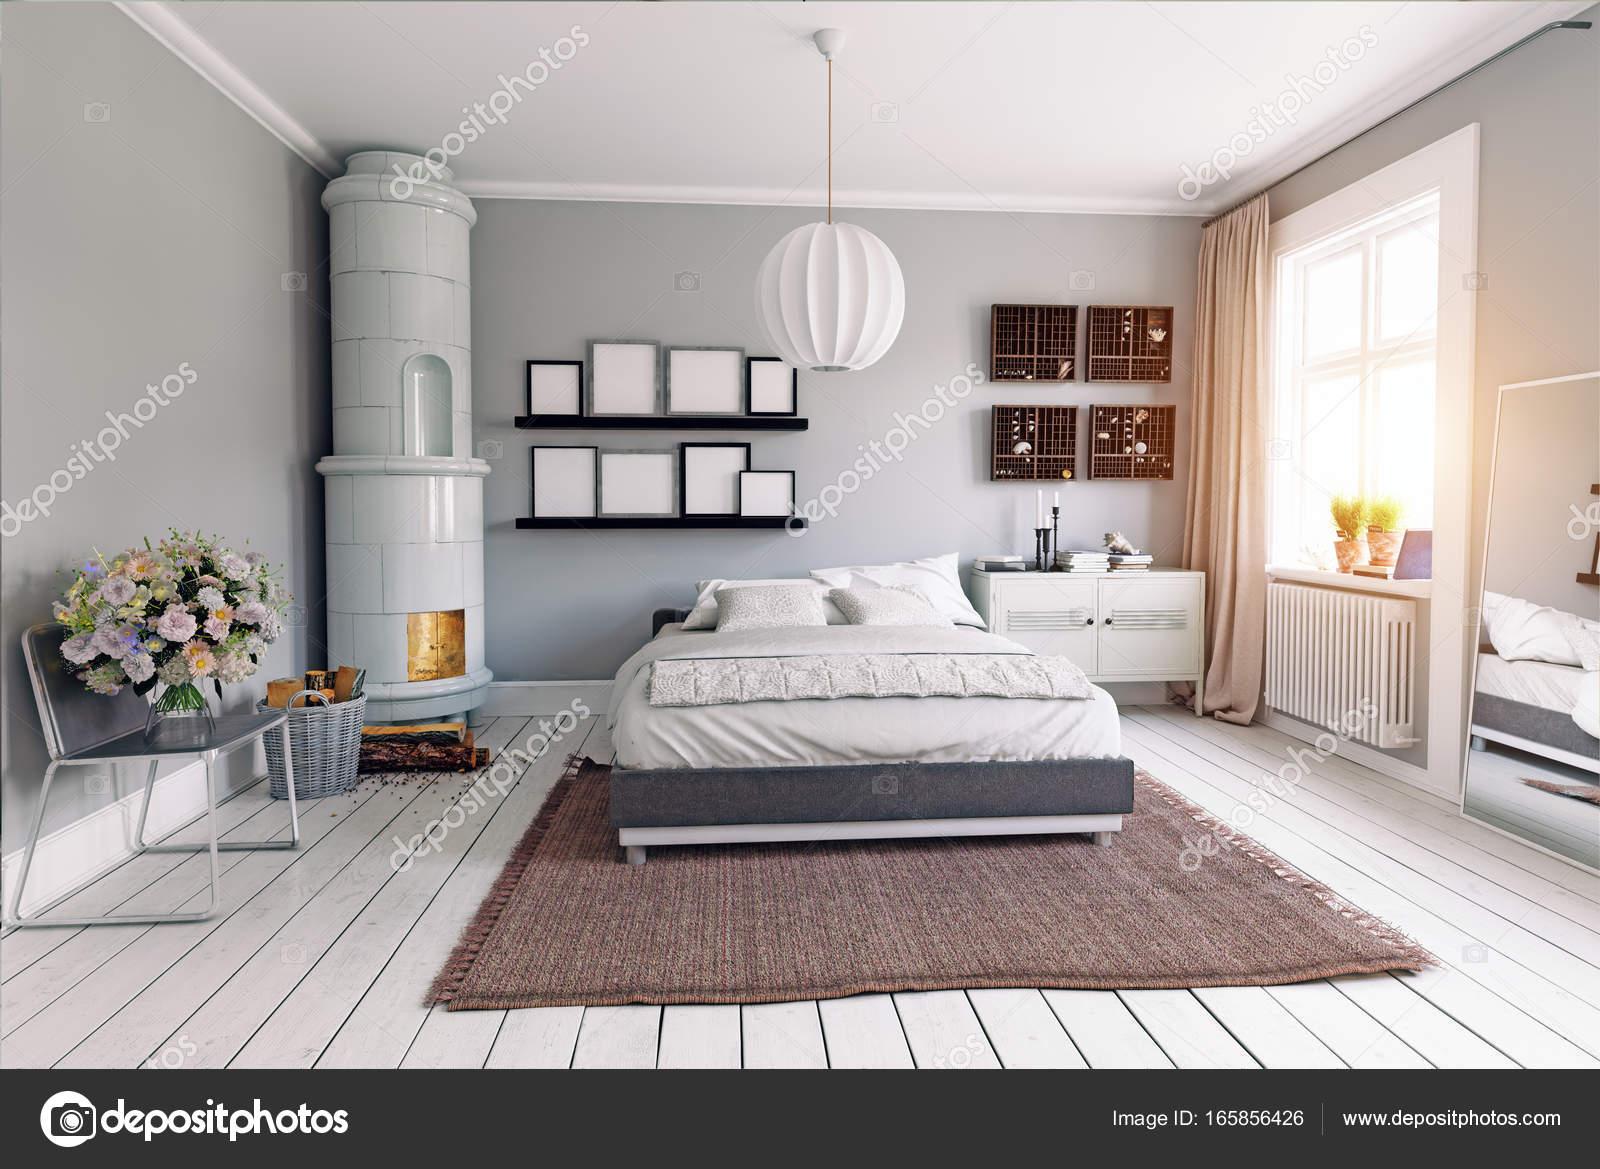 ModerneS Schlafzimmer-Interieur — Stockfoto © vicnt2815 ...